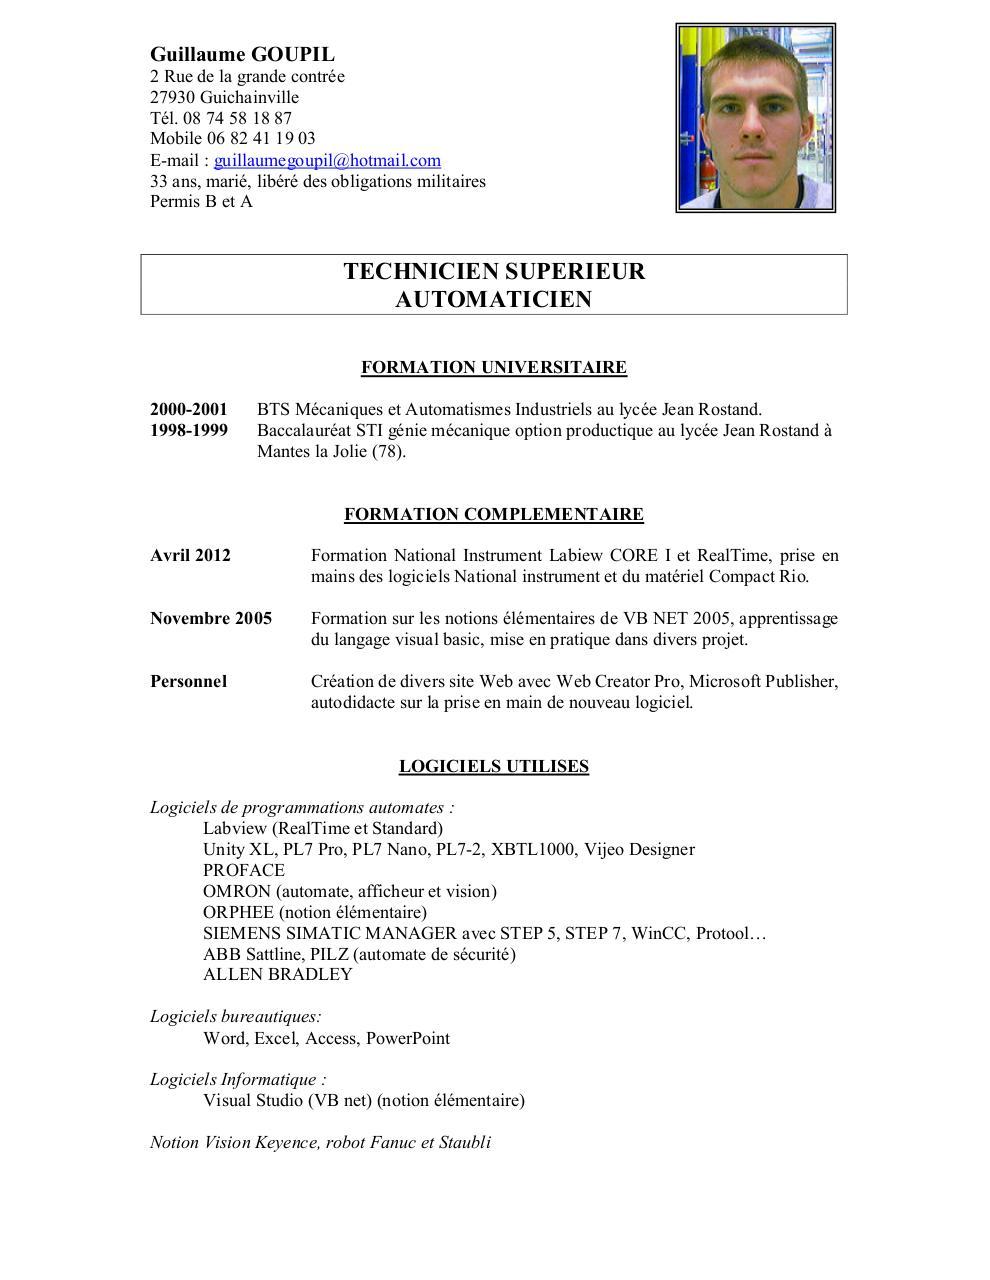 cv 2012 doc par guillaume - cv goupil guillaume pdf